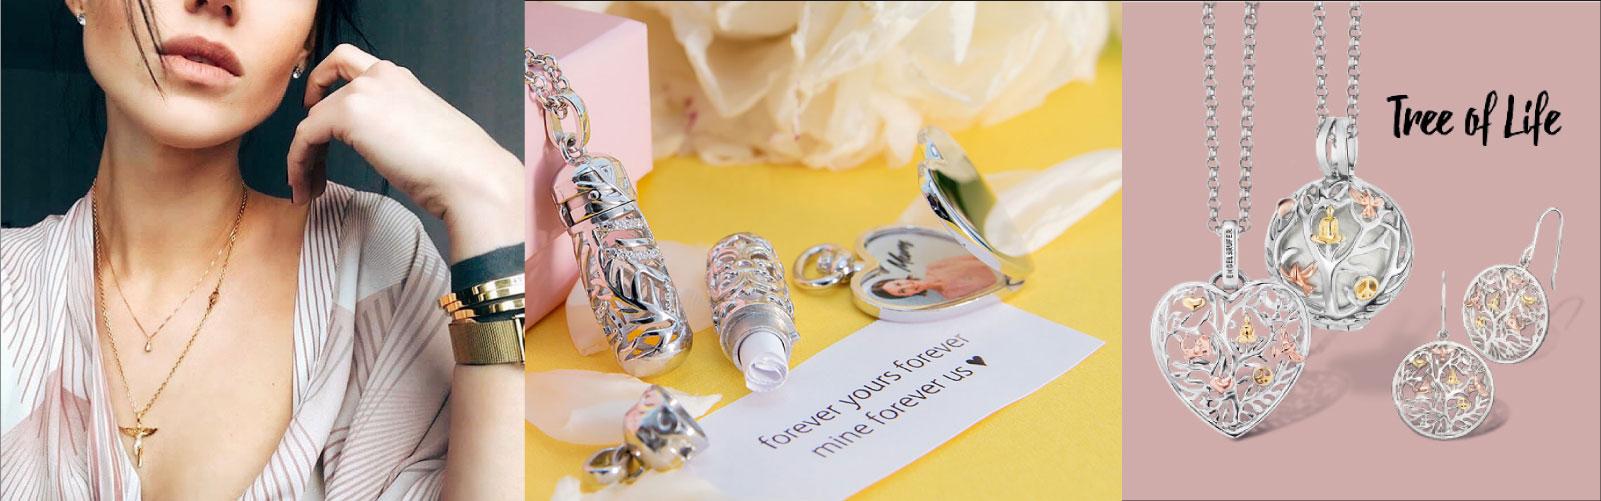 Engelsrufer-zilveren-sieraden-beschermengel-bij-Wolters-Juweliers-Coevorden-Emmen